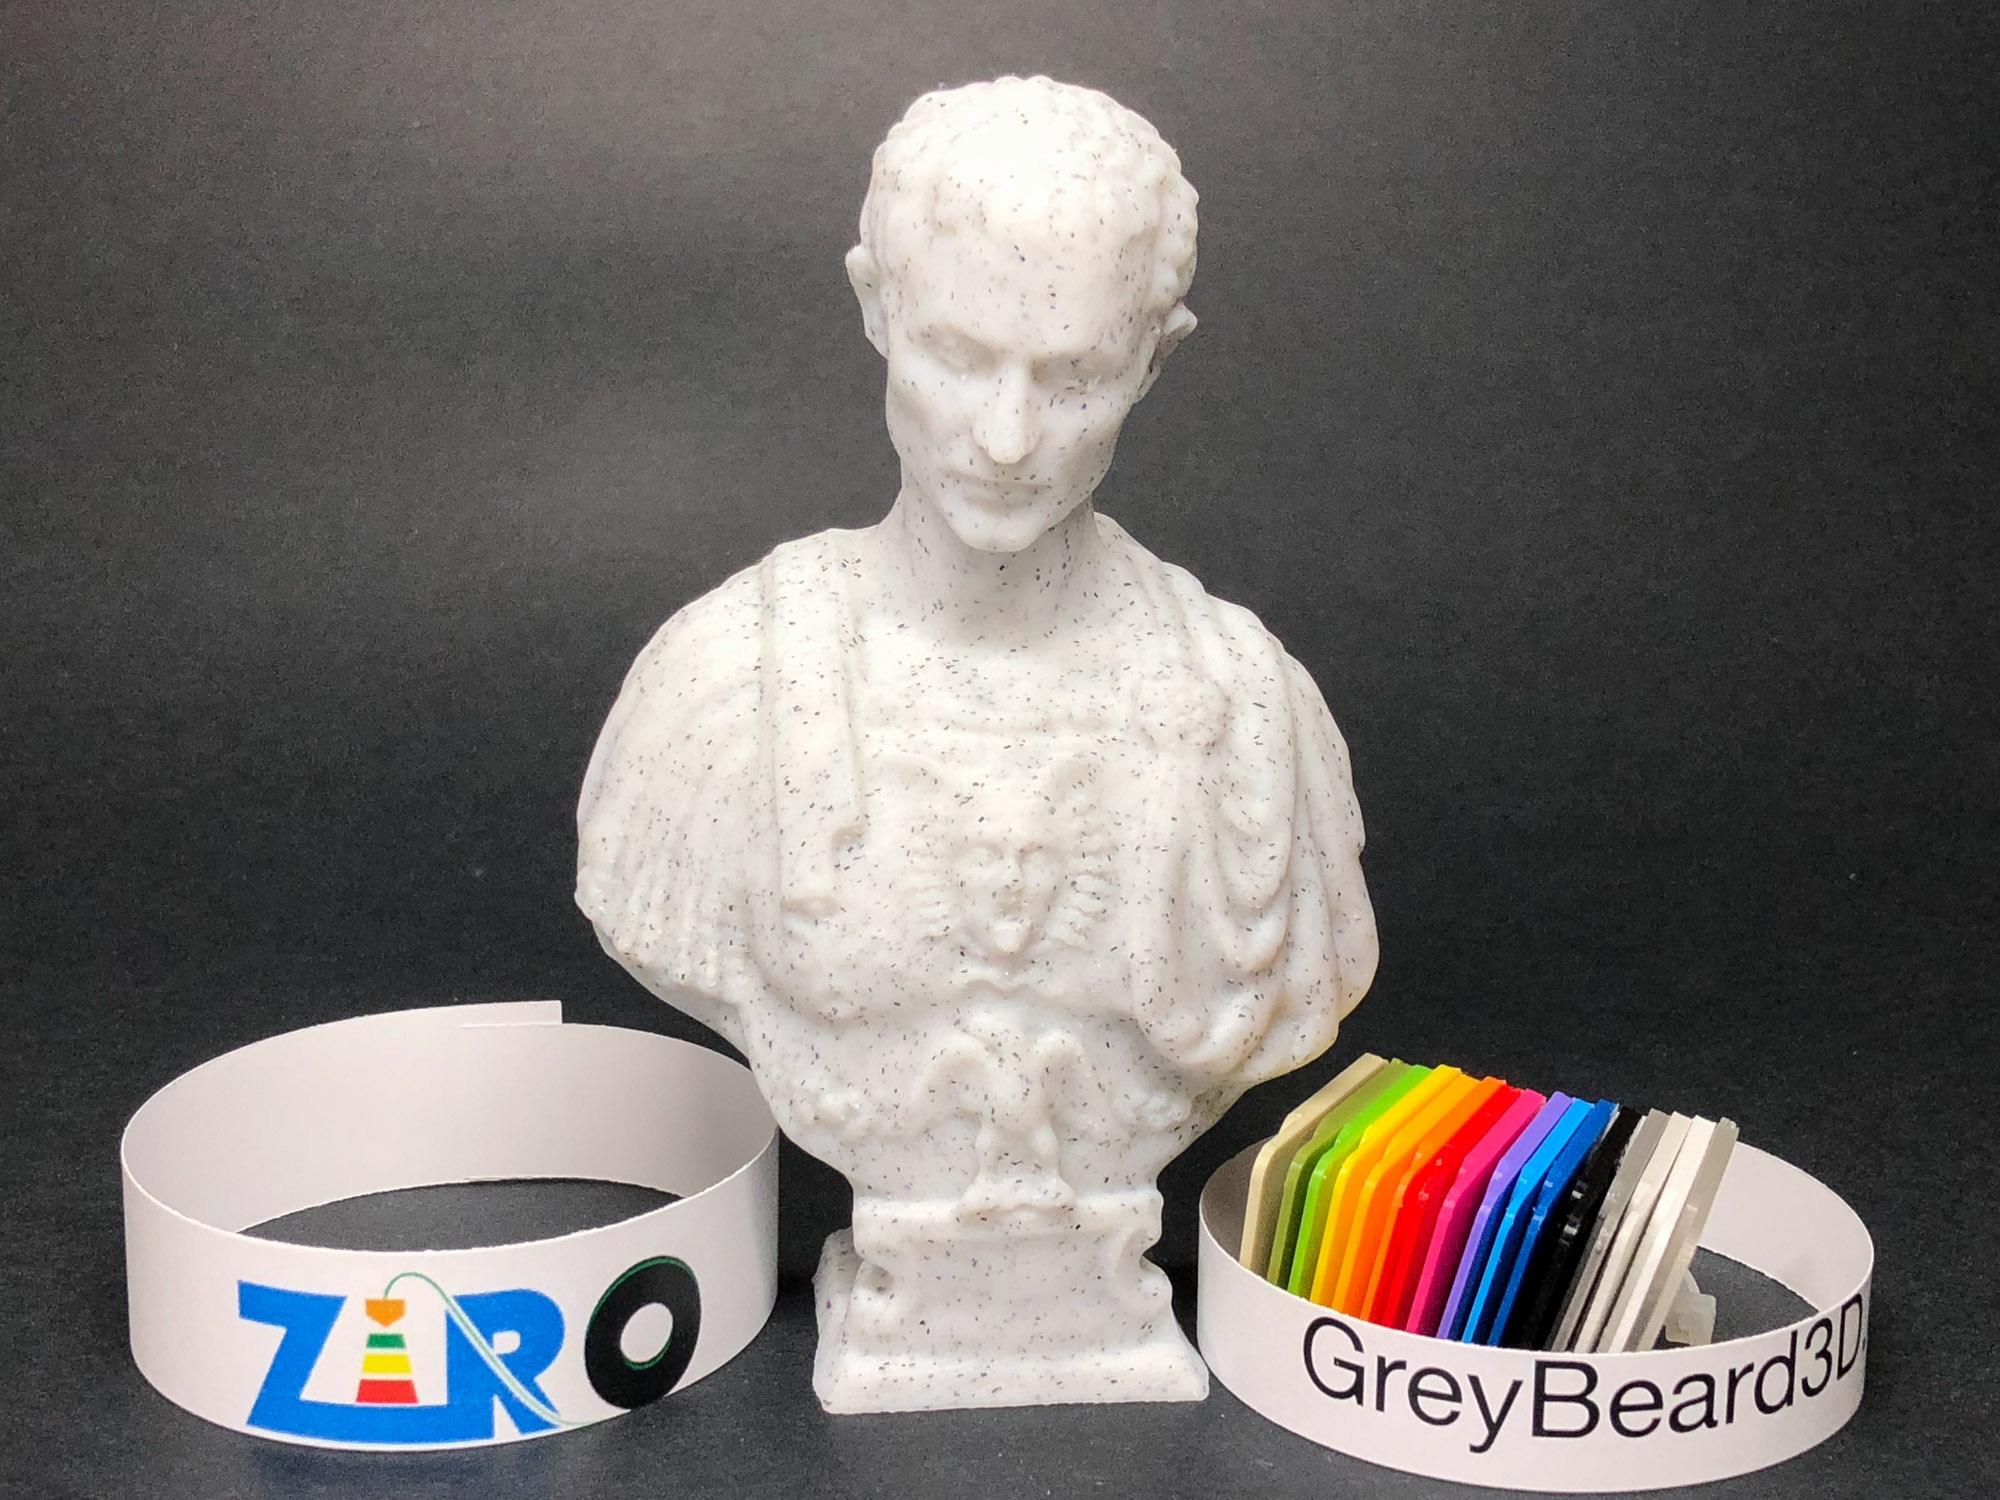 Ziro Marble Pla Greybeard3d